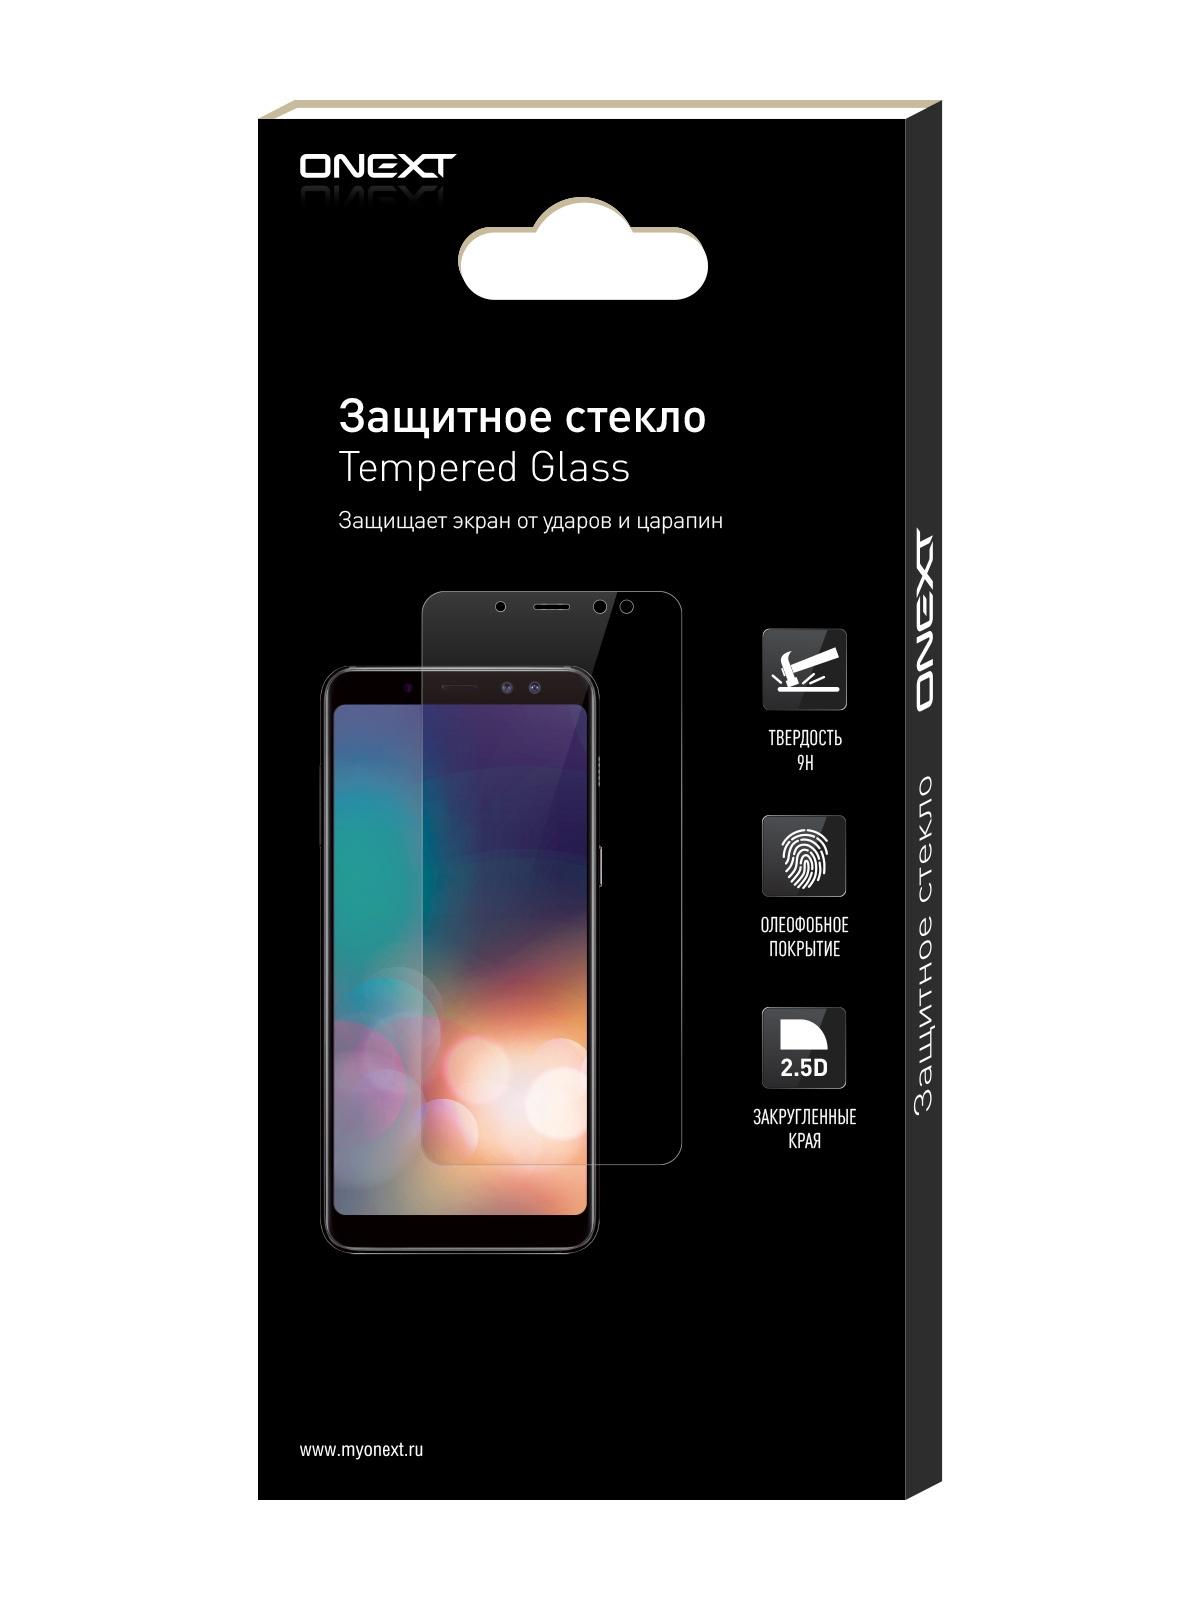 Защитное стекло ONEXT Samsung Galaxy A5 2017 защитное стекло для экрана onext 3d черный для samsung galaxy a5 2017 1шт 41311